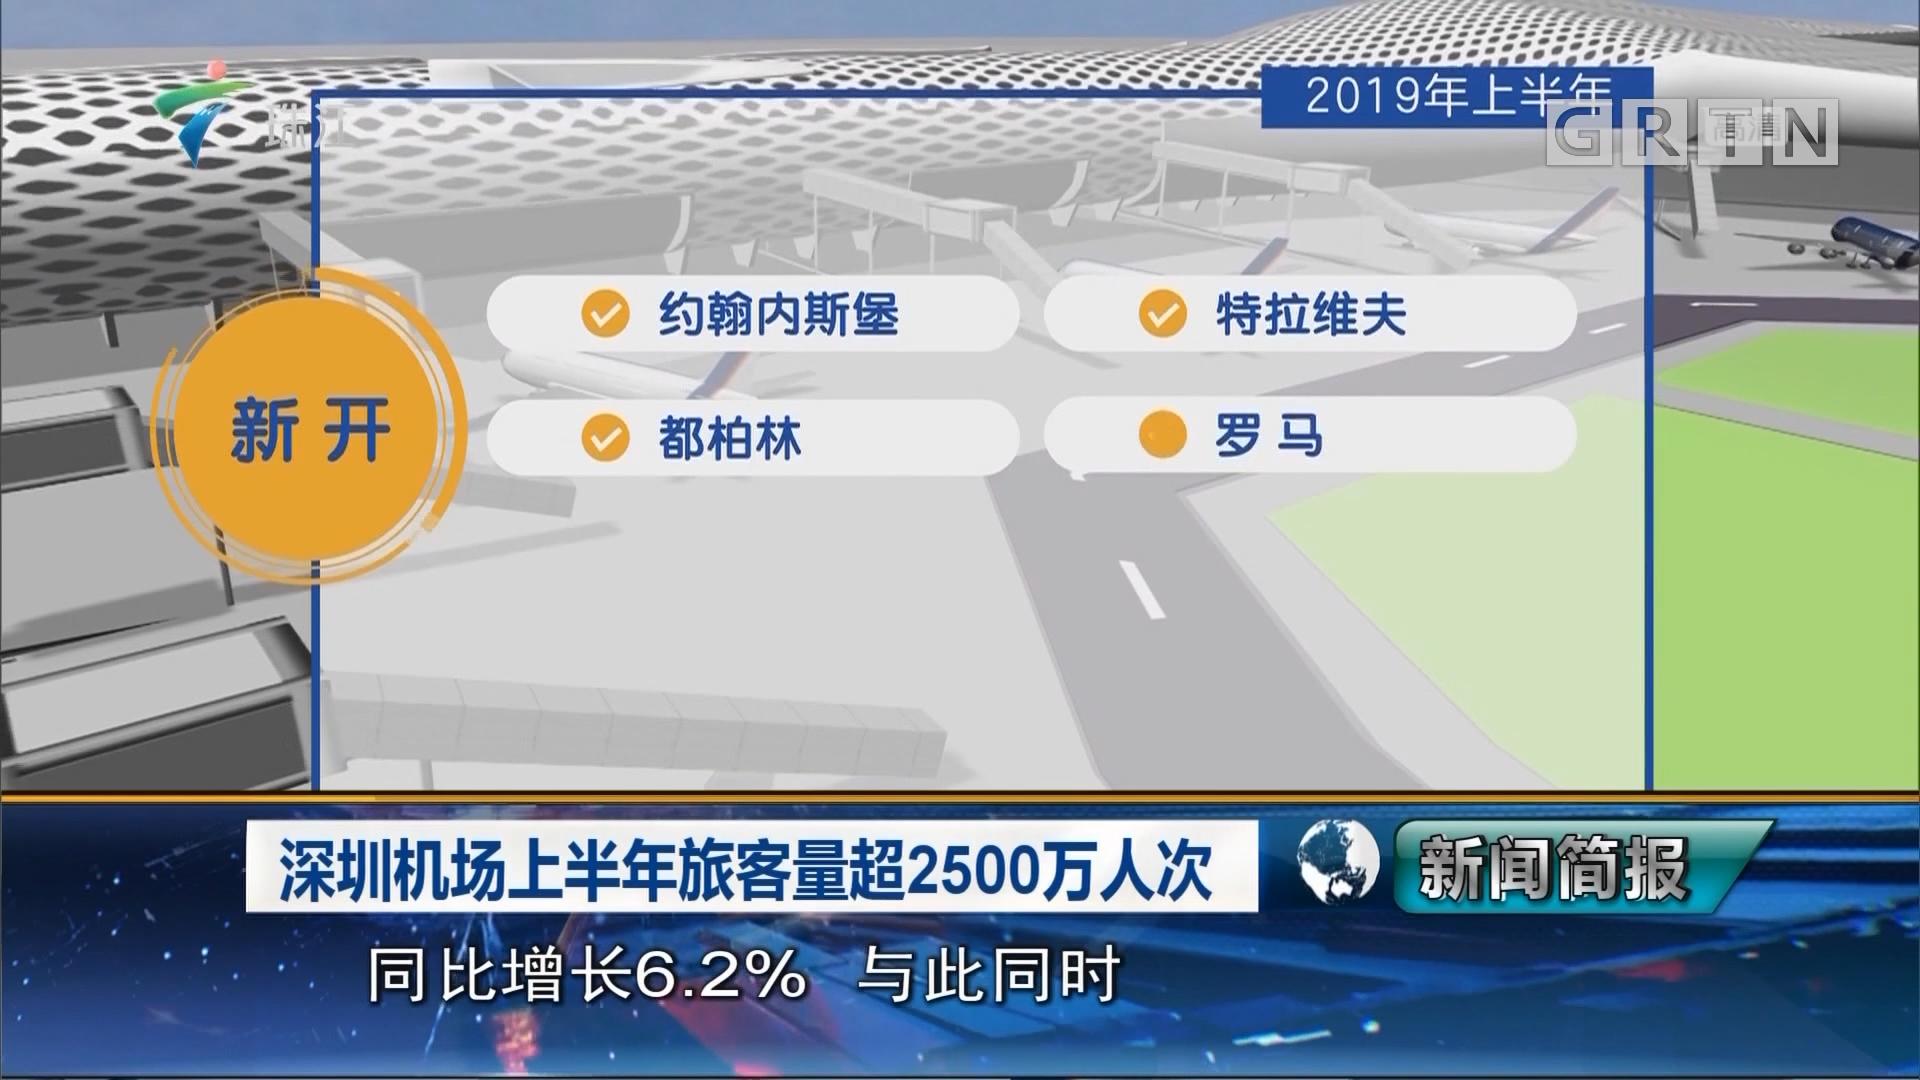 深圳机场上半年旅客量超2500万人次